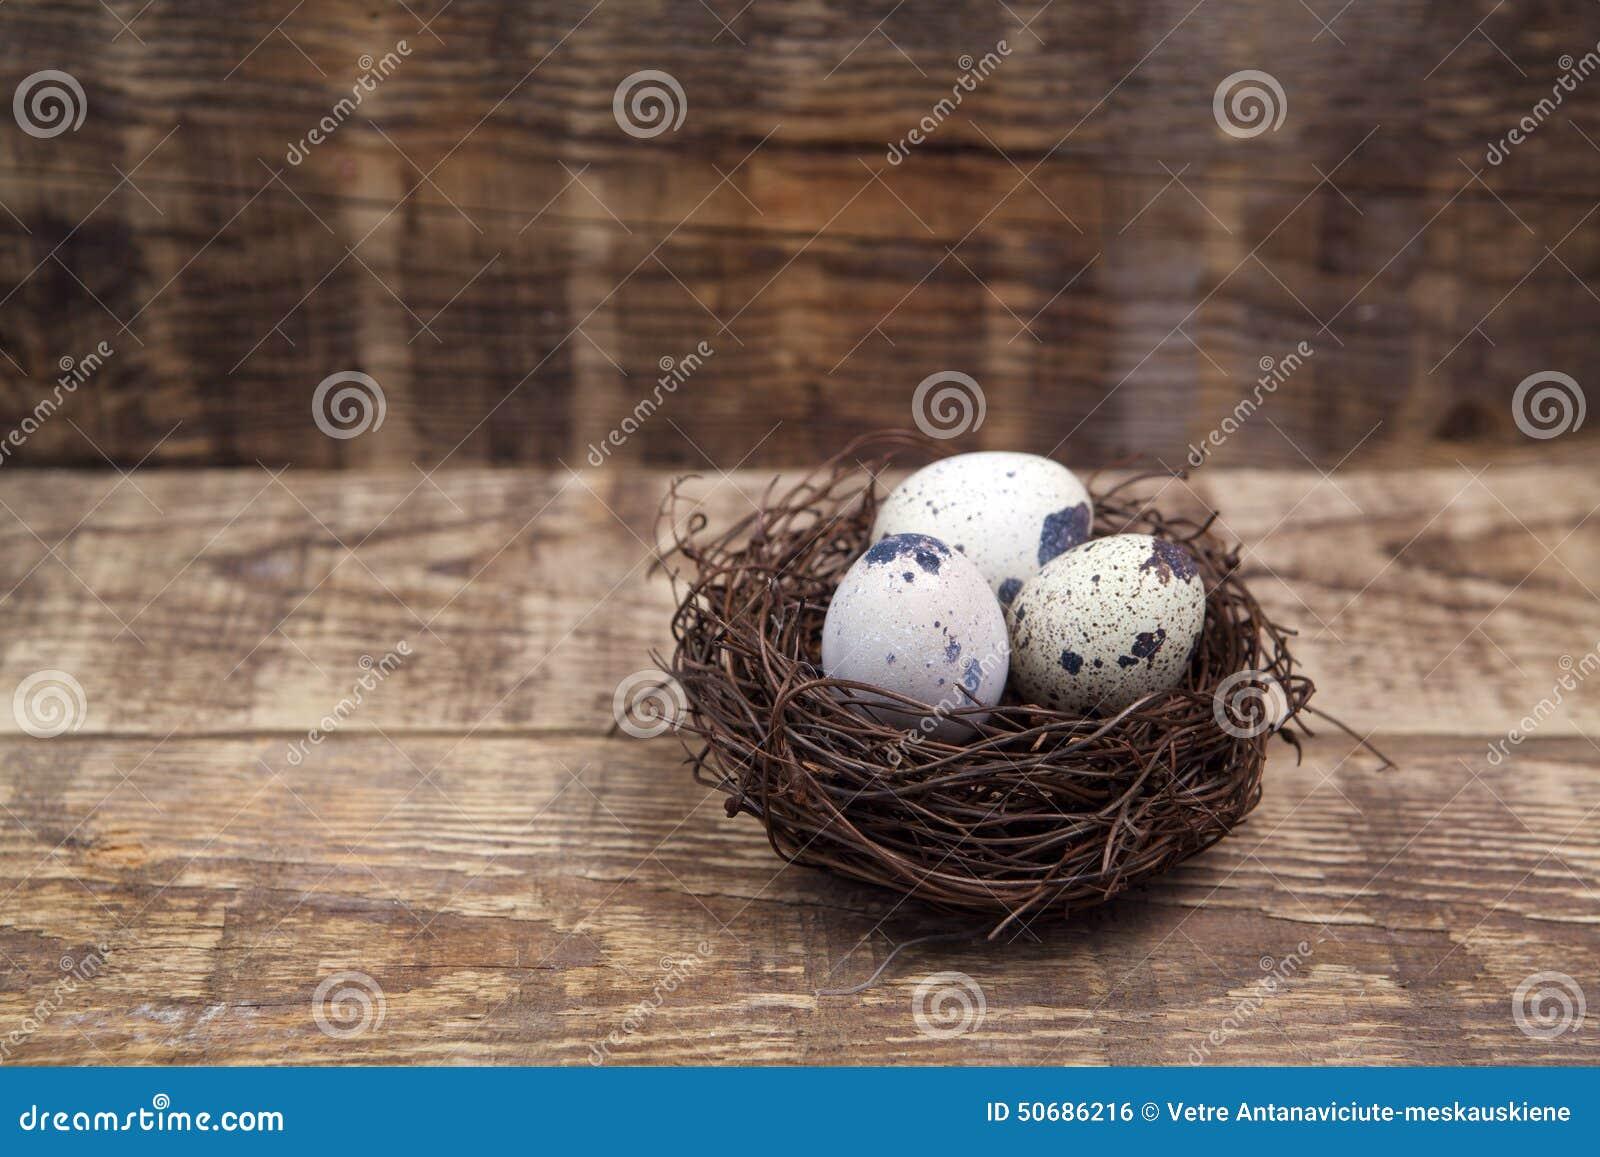 Download 复活节装饰 在巢的鸡蛋在木头 库存照片. 图片 包括有 传统, 背包, 鸟舍, 宗教信仰, 土气, 鸡蛋 - 50686216